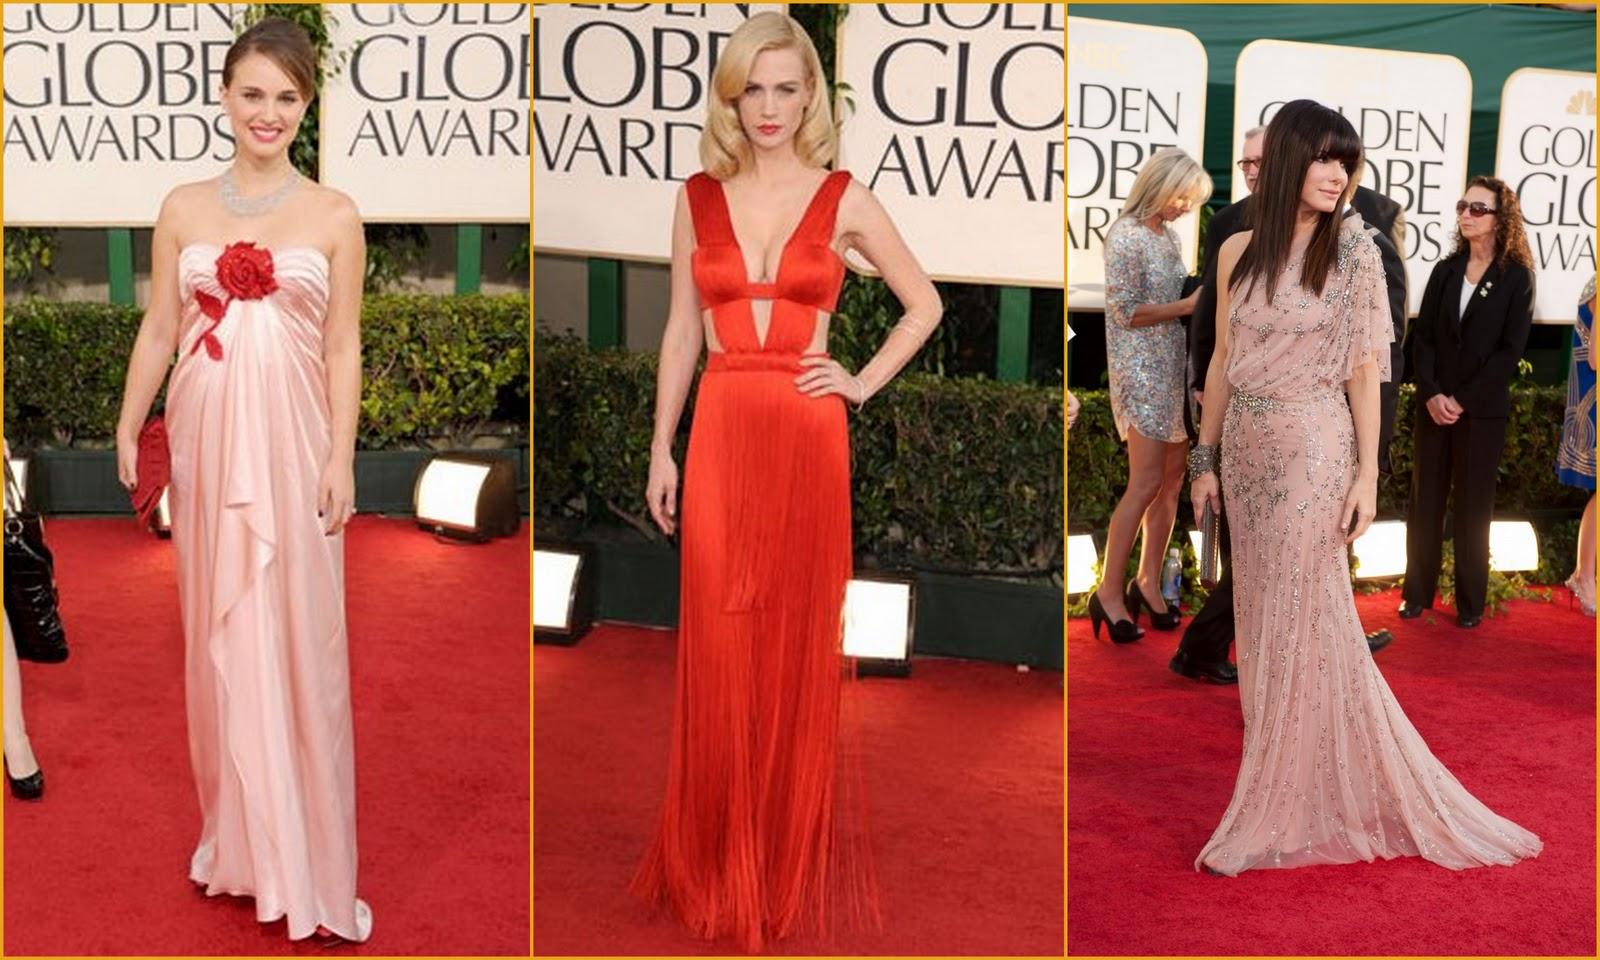 http://2.bp.blogspot.com/_Q5WSg7ukT6Y/TTPT-onatBI/AAAAAAAAFEI/kki5l1bmNEA/s1600/Golden+Globes+2011-3.jpg